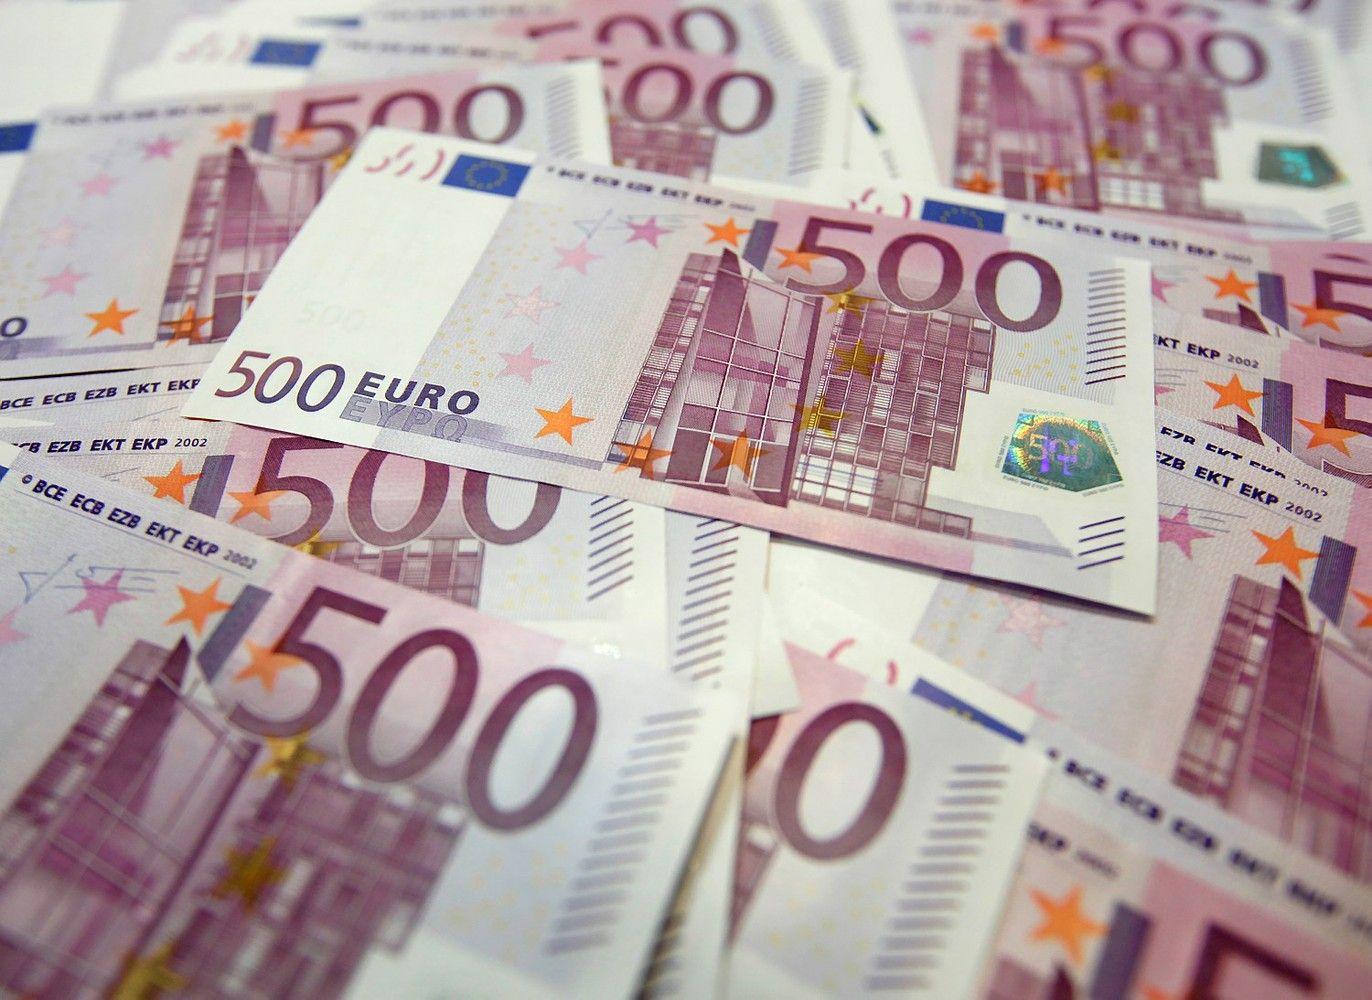 Dar du Latvijos bankai nubausti už pavedimus į Šiaurės Korėją